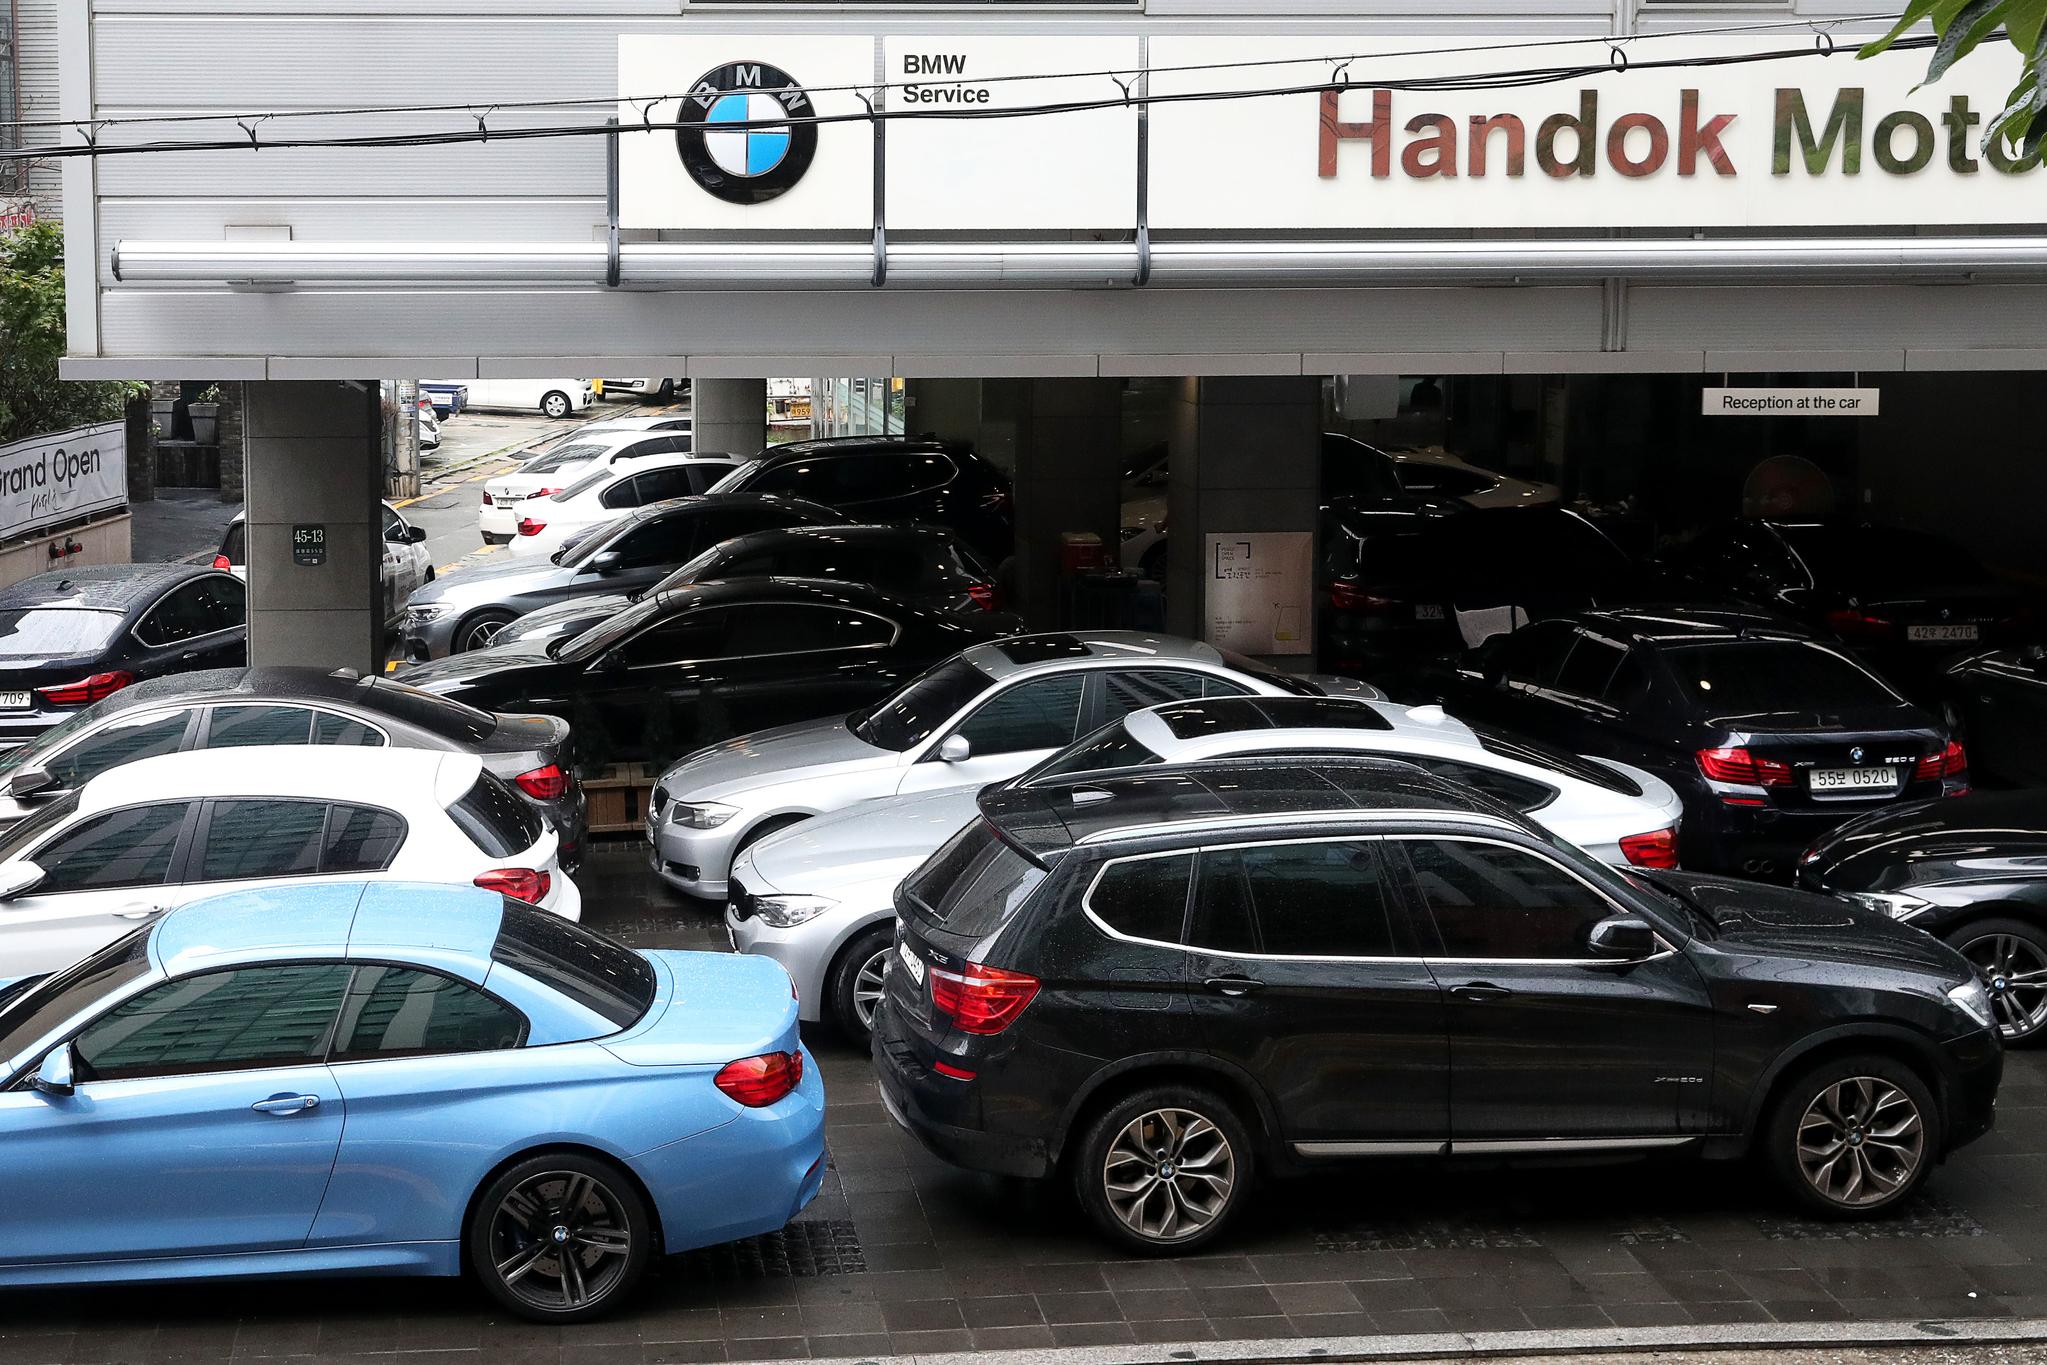 9일 서울 서초구에 위치한 한 BMW 서비스센터가 안전점검을 받으려는 차량들로 붐비고 있다. 장진영 기자